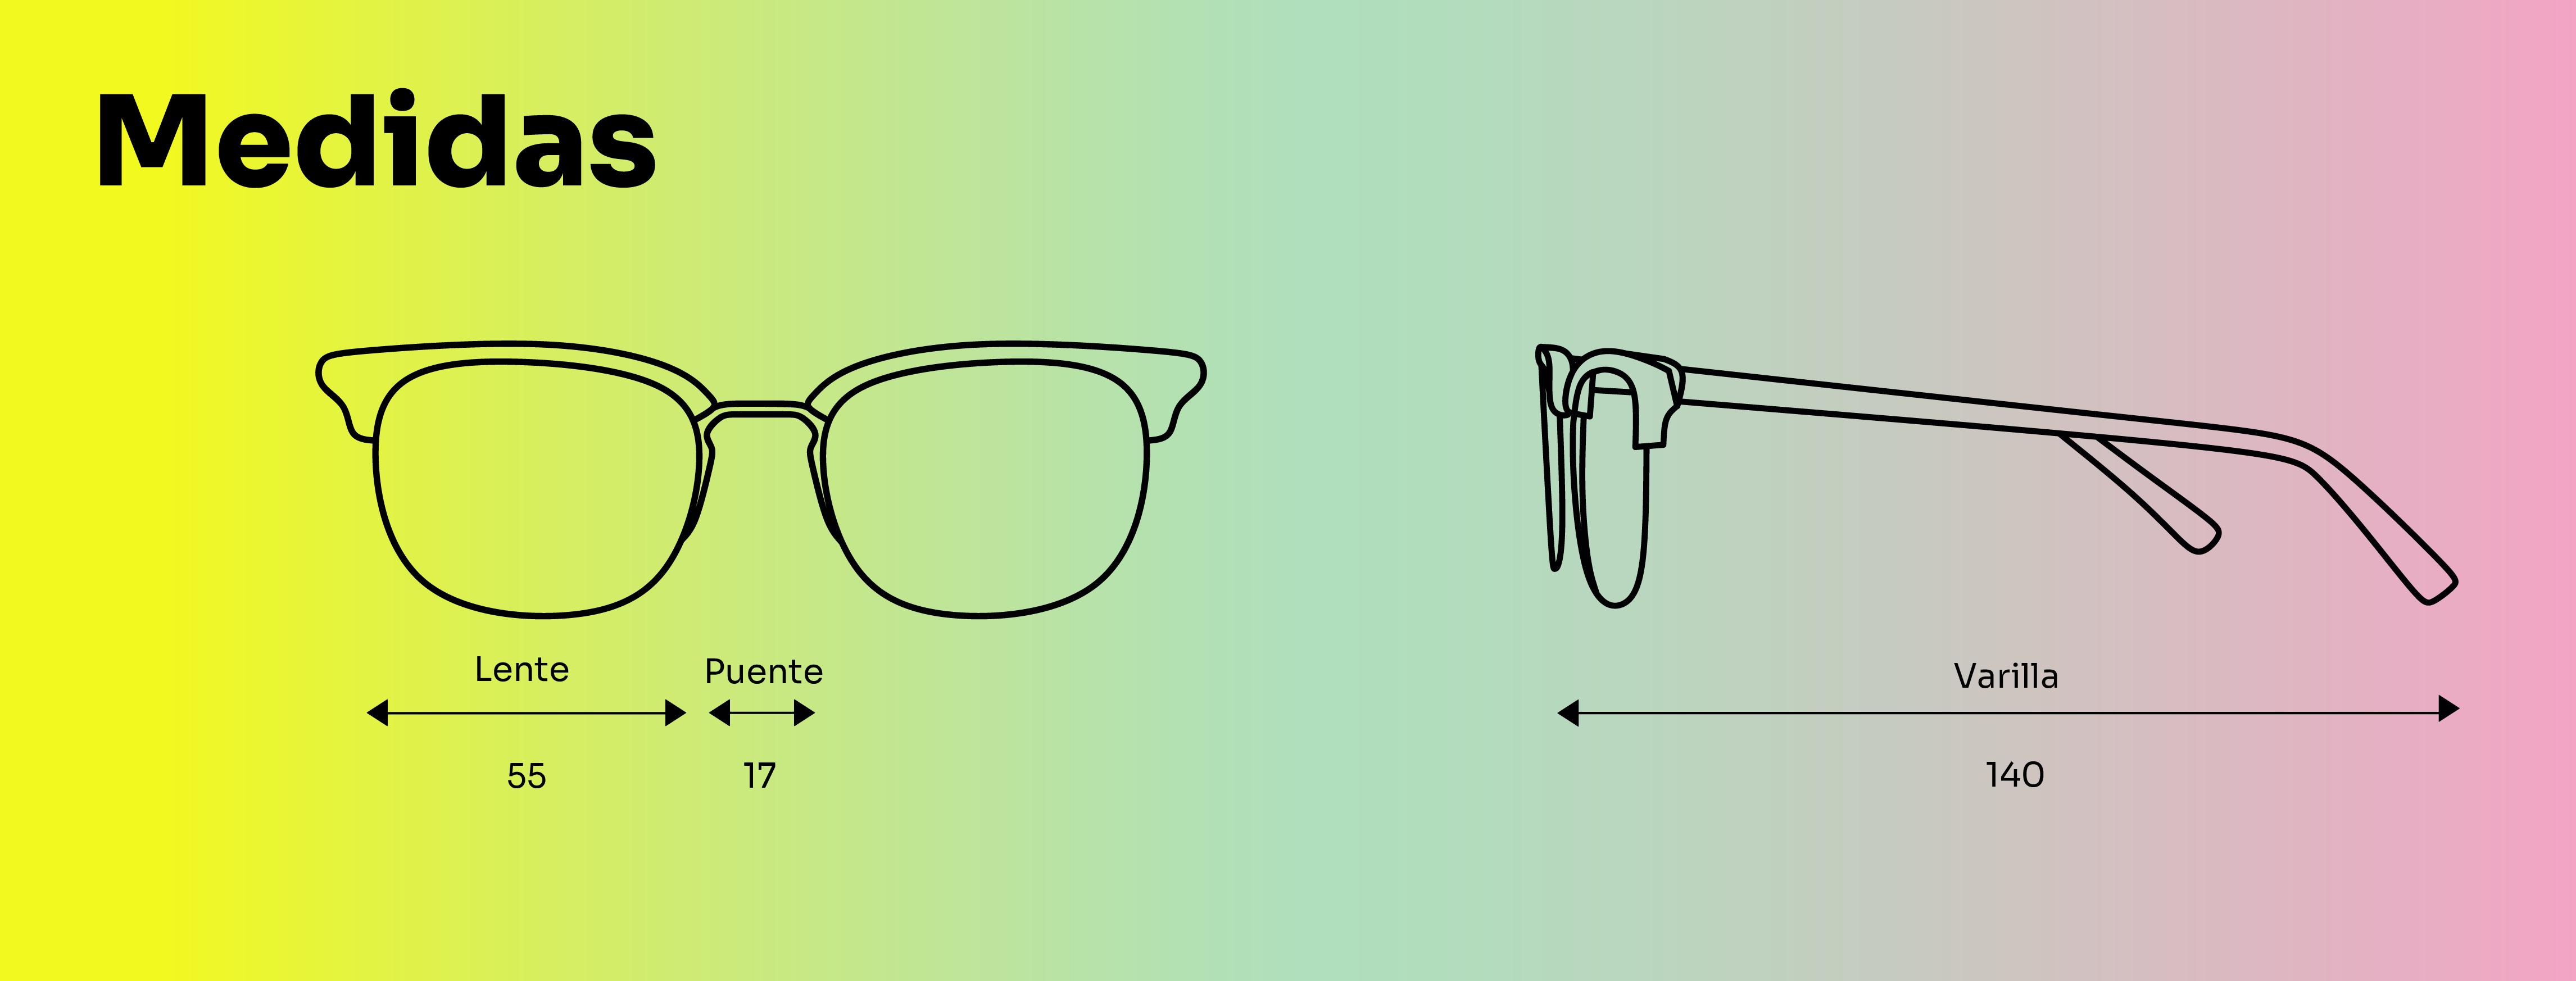 medidas-montura-de-gafas-graduadas-de-marca-Valgus